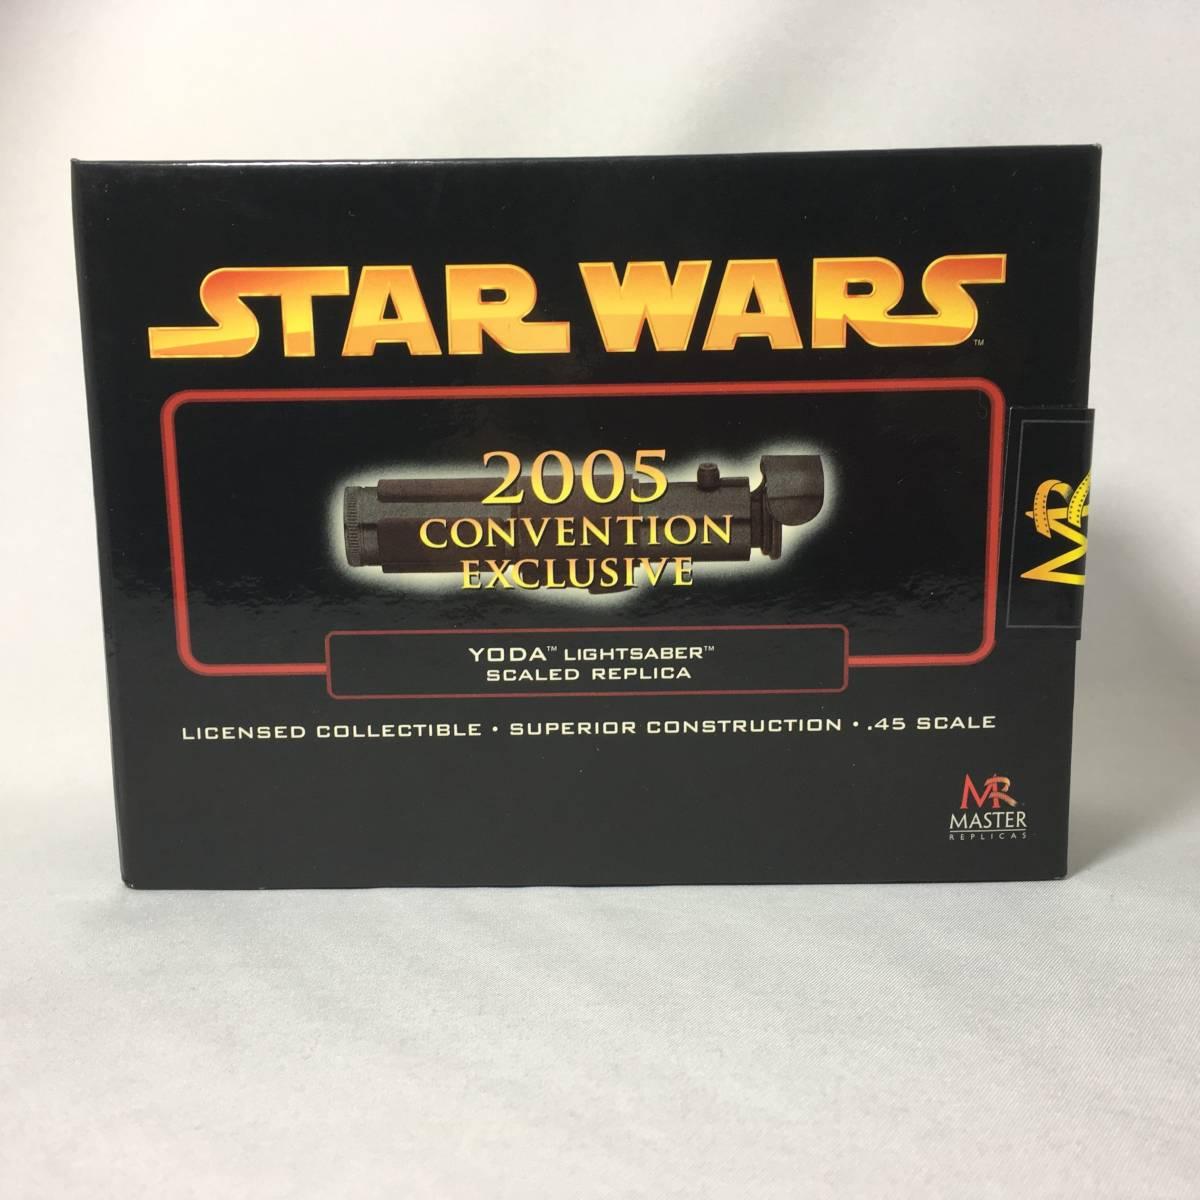 レア 2005コンベンション限定 STAR WARS マスターレプリカ ヨーダ EP3ミニ ライトセーバー CONVENTION スターウォーズ コミコン ワンフェス_画像2